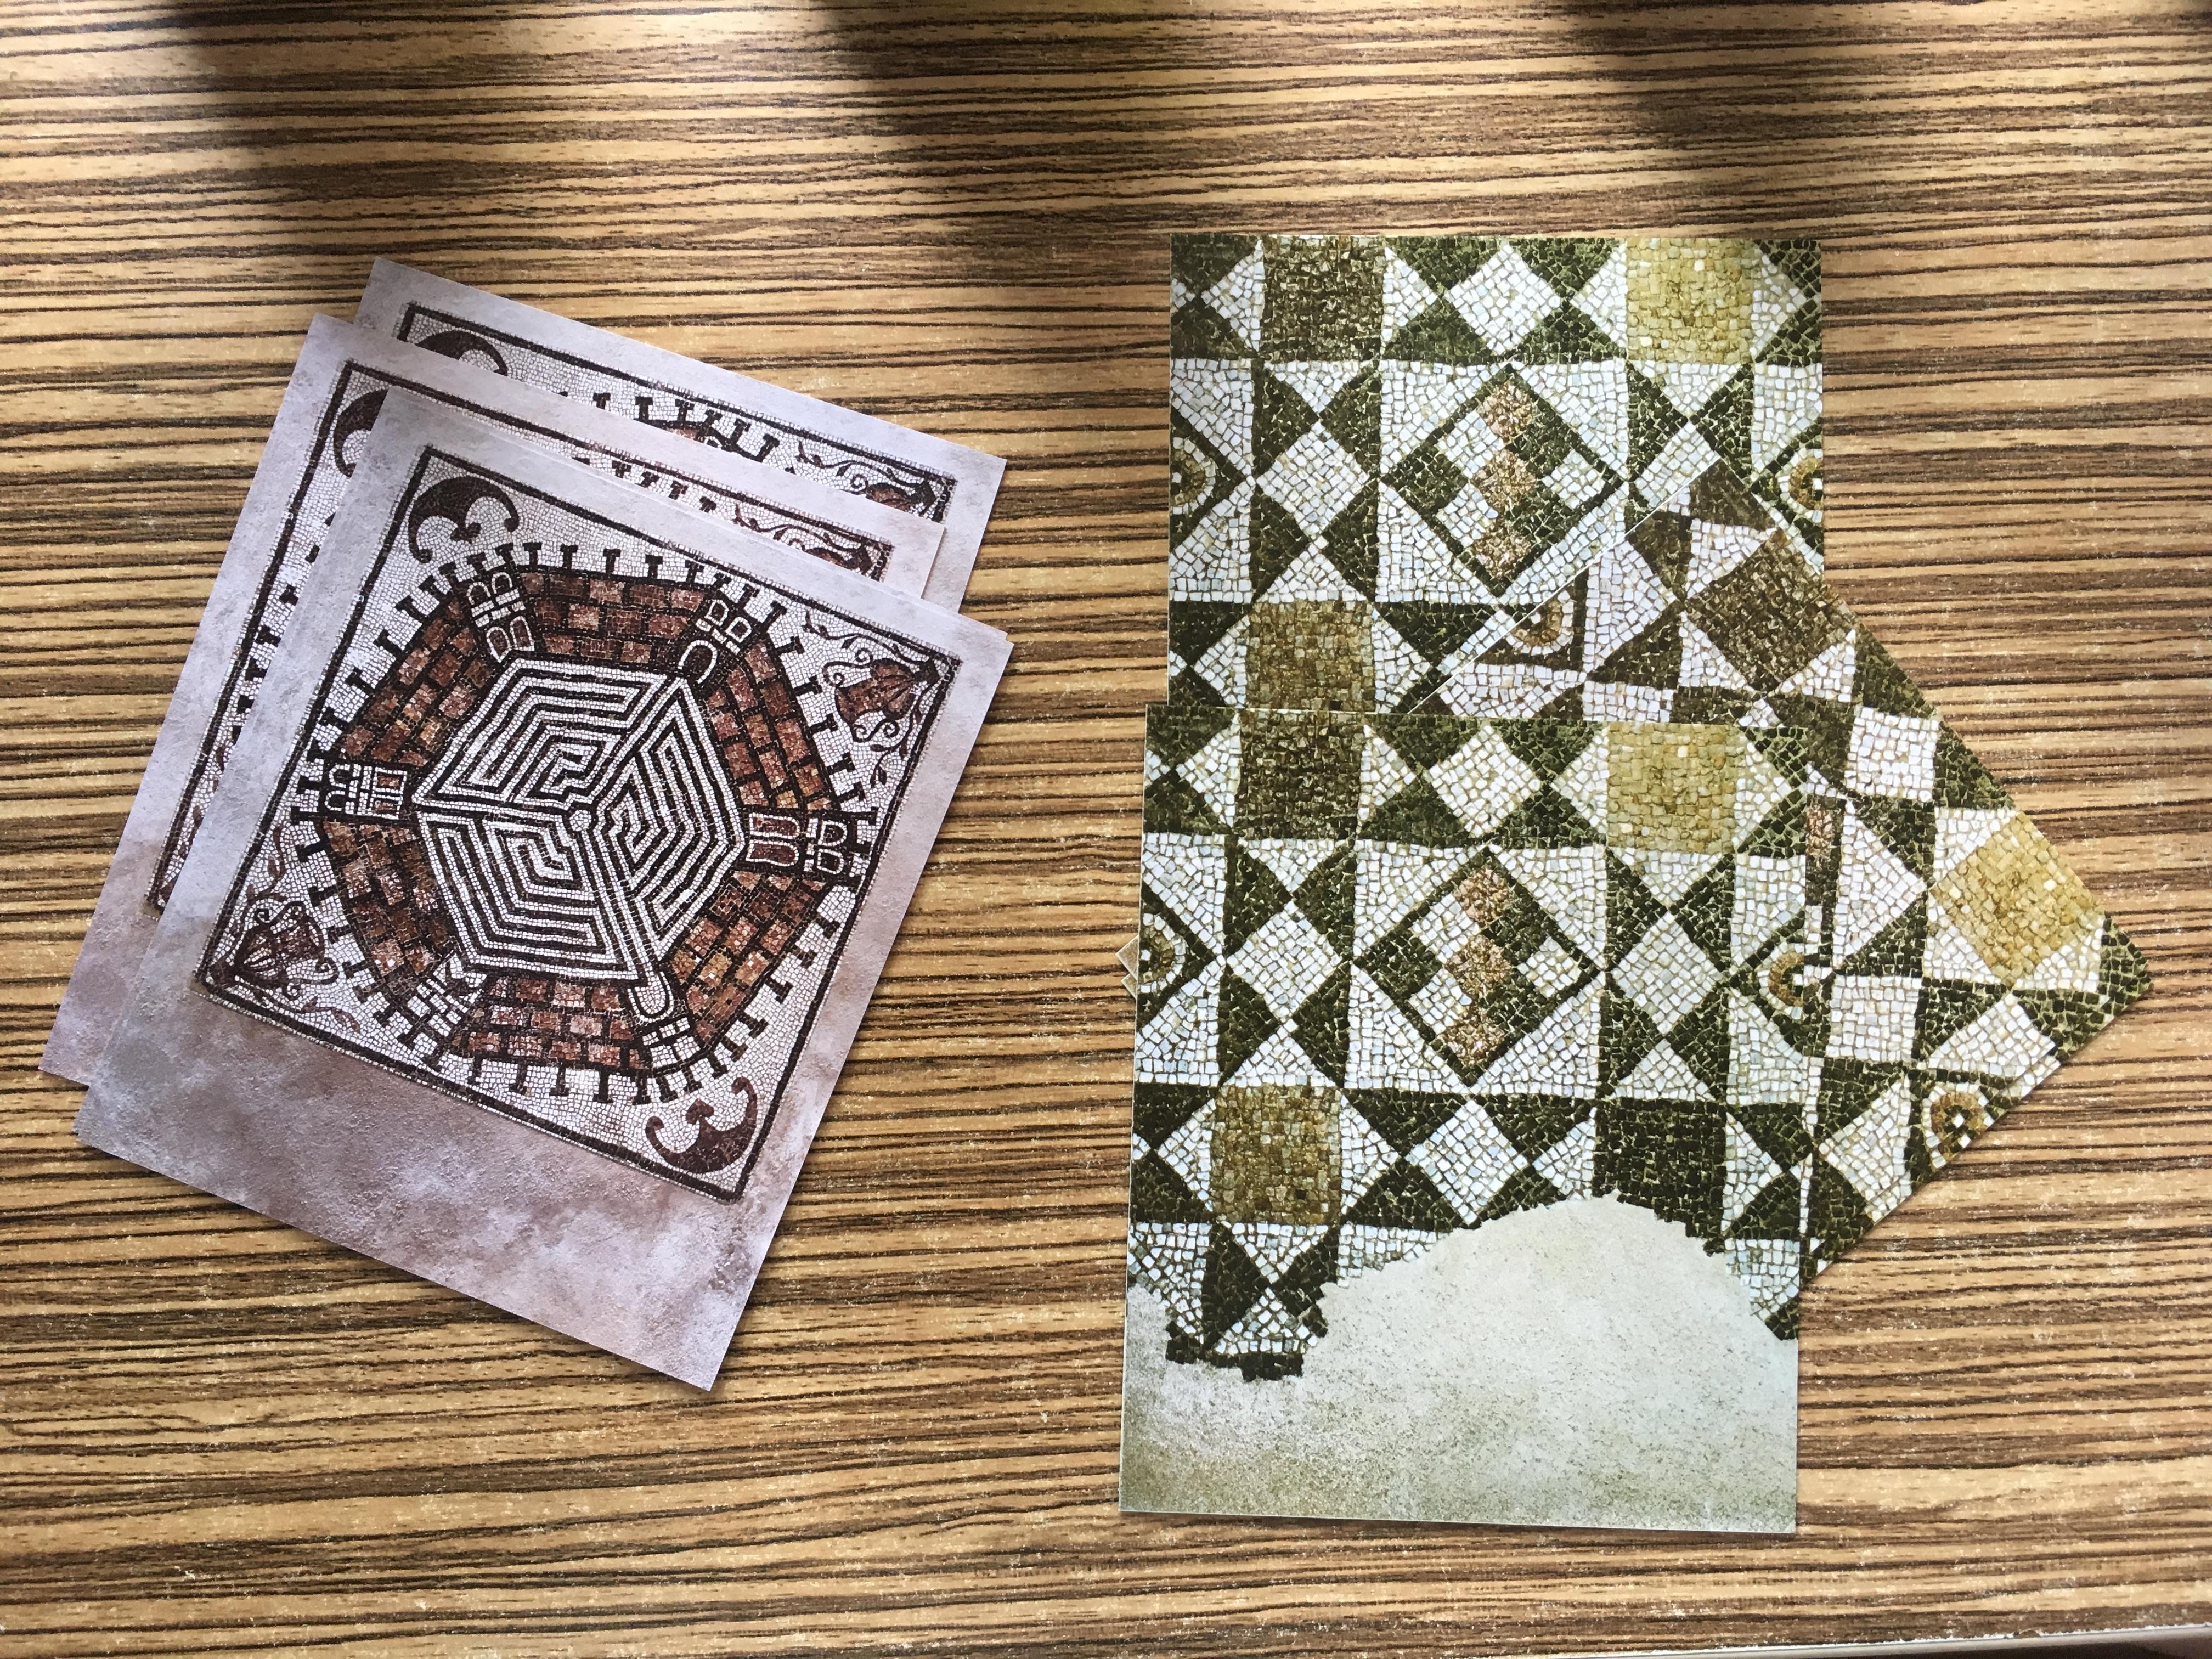 holograd razglednice